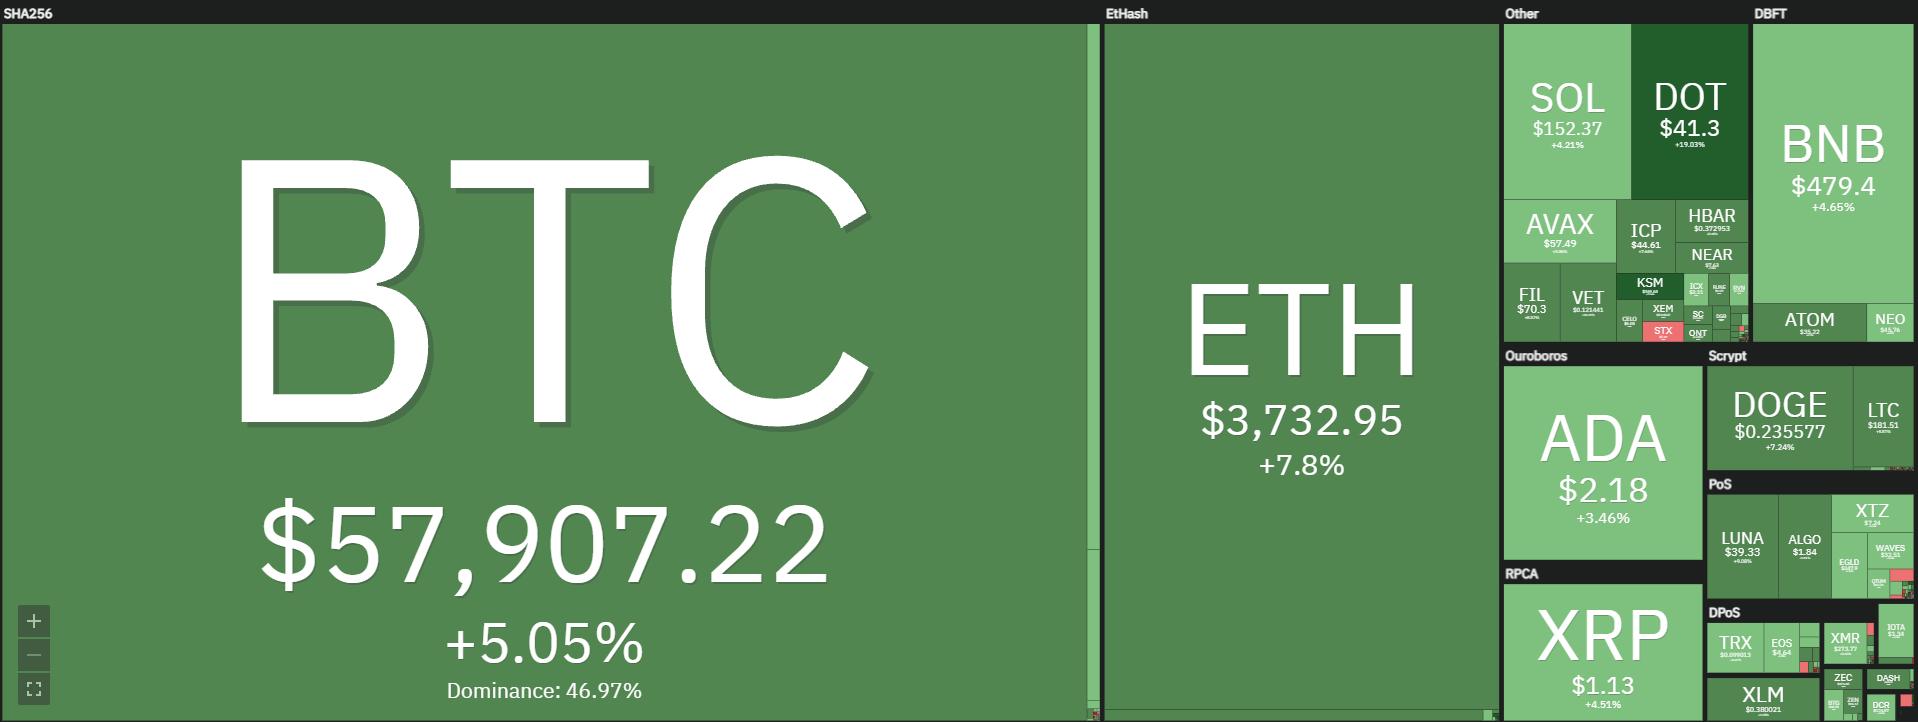 """Bitcoin (BTC) sobe mais de 5% e bate em US$ 58 mil com """"empurrão"""" de Vladimir Putin; veja o que mexe com as criptomoedas hoje"""